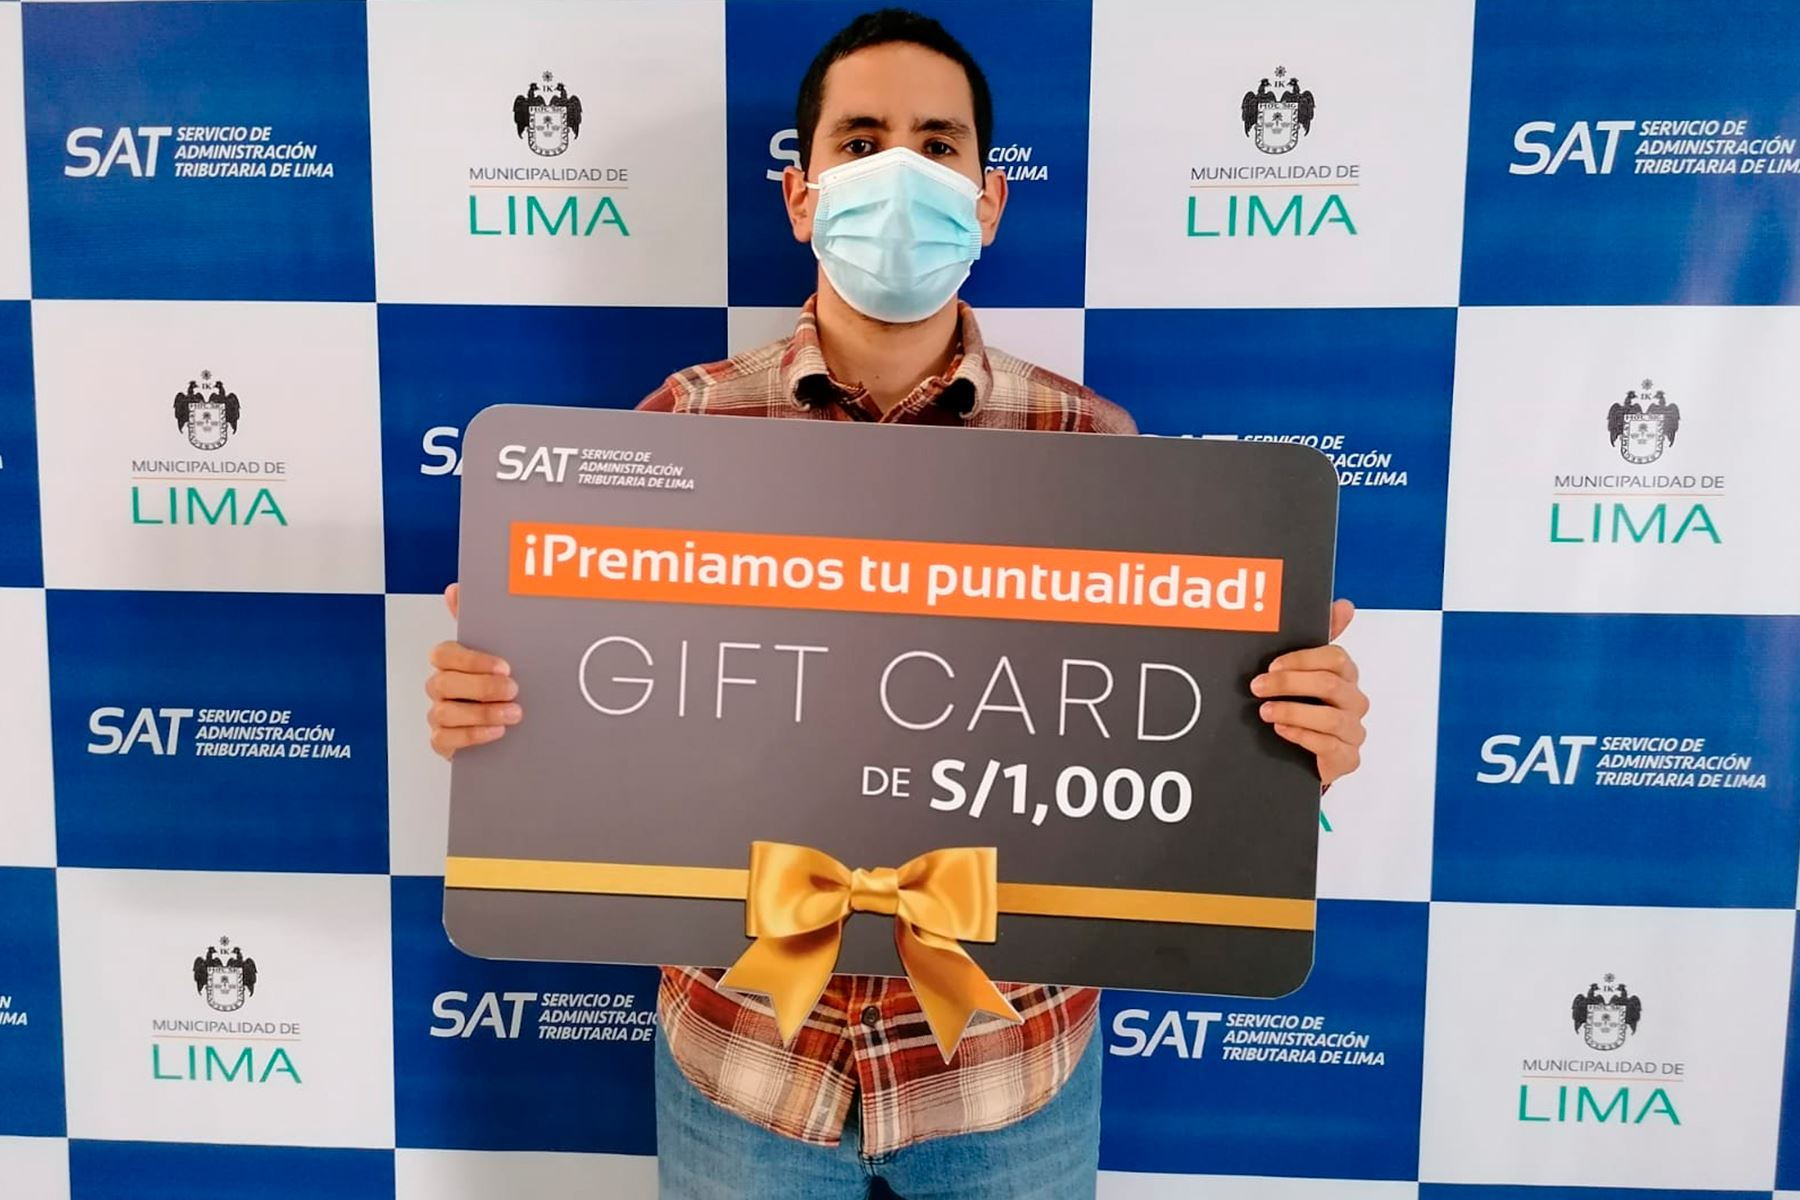 Para la premiación se tendrán en cuenta los pagos de la cuarta cuota del impuesto vehicular, predial y arbitrios. Foto: ANDINA/SAT